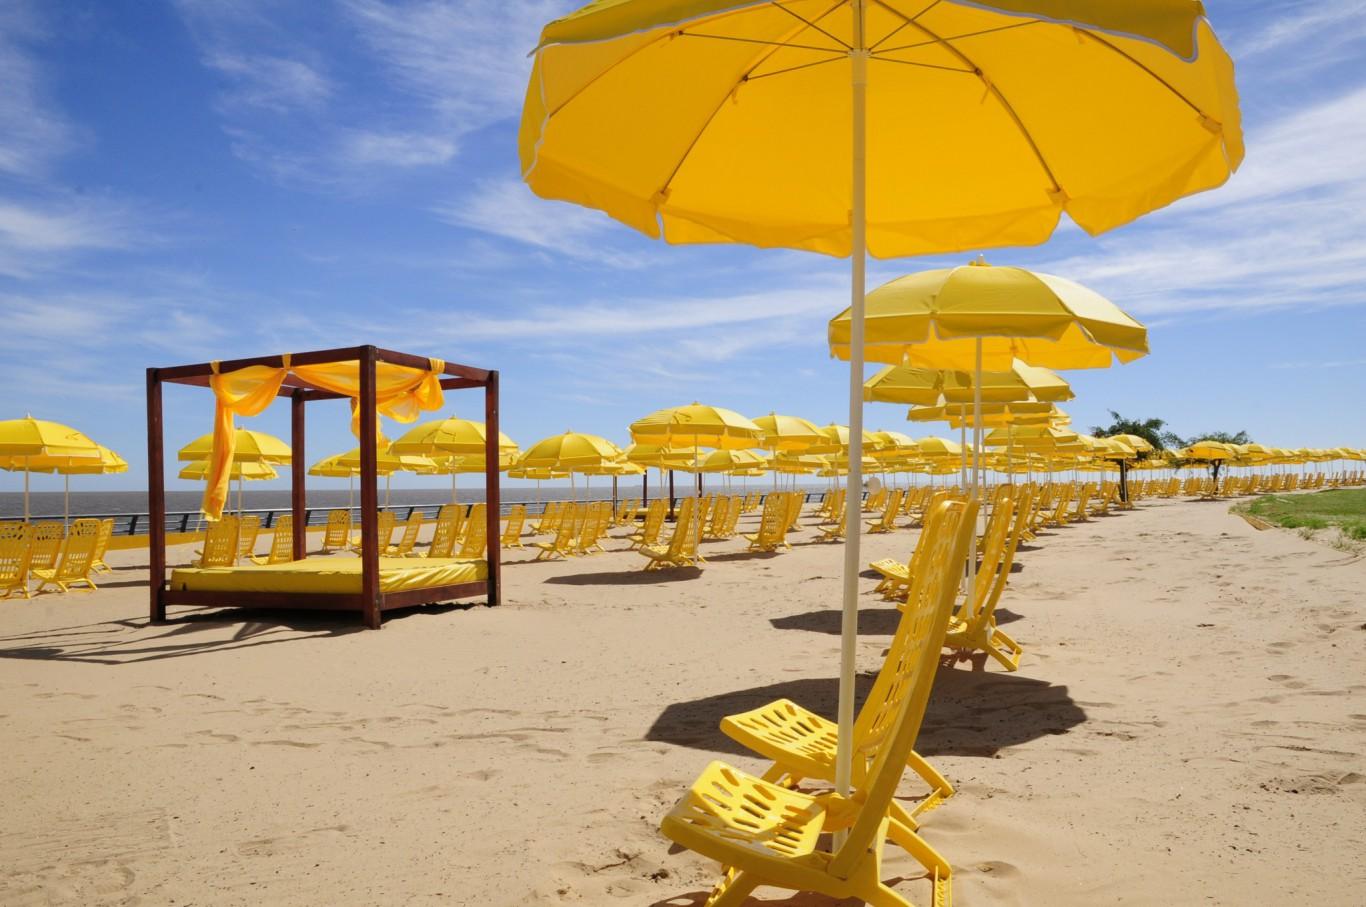 Пляж буэнос айрес фото